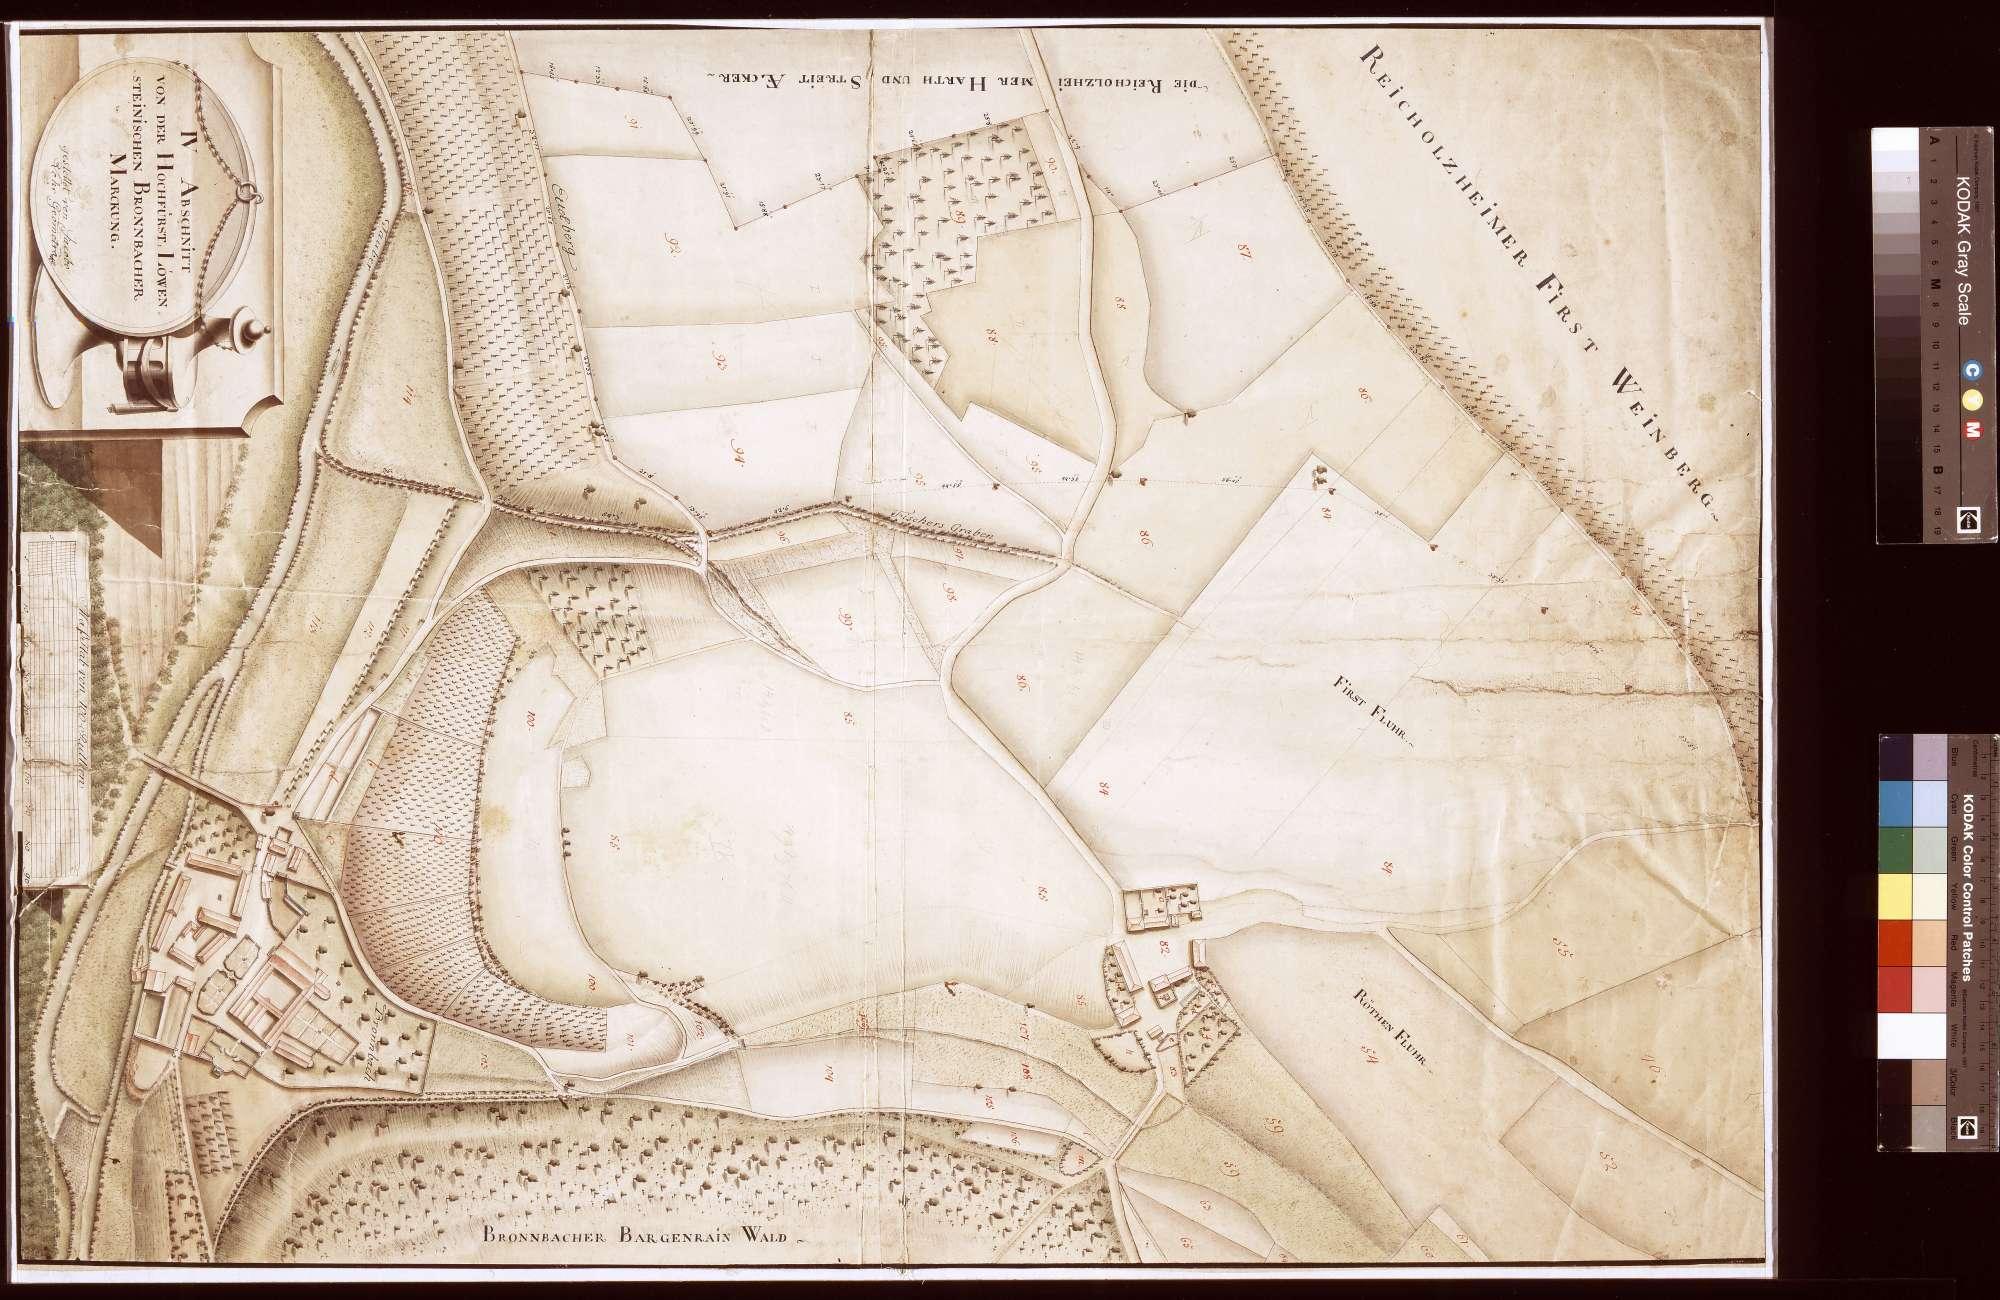 IV. Abschnitt von der Bronnbacher Markung, Bild 1